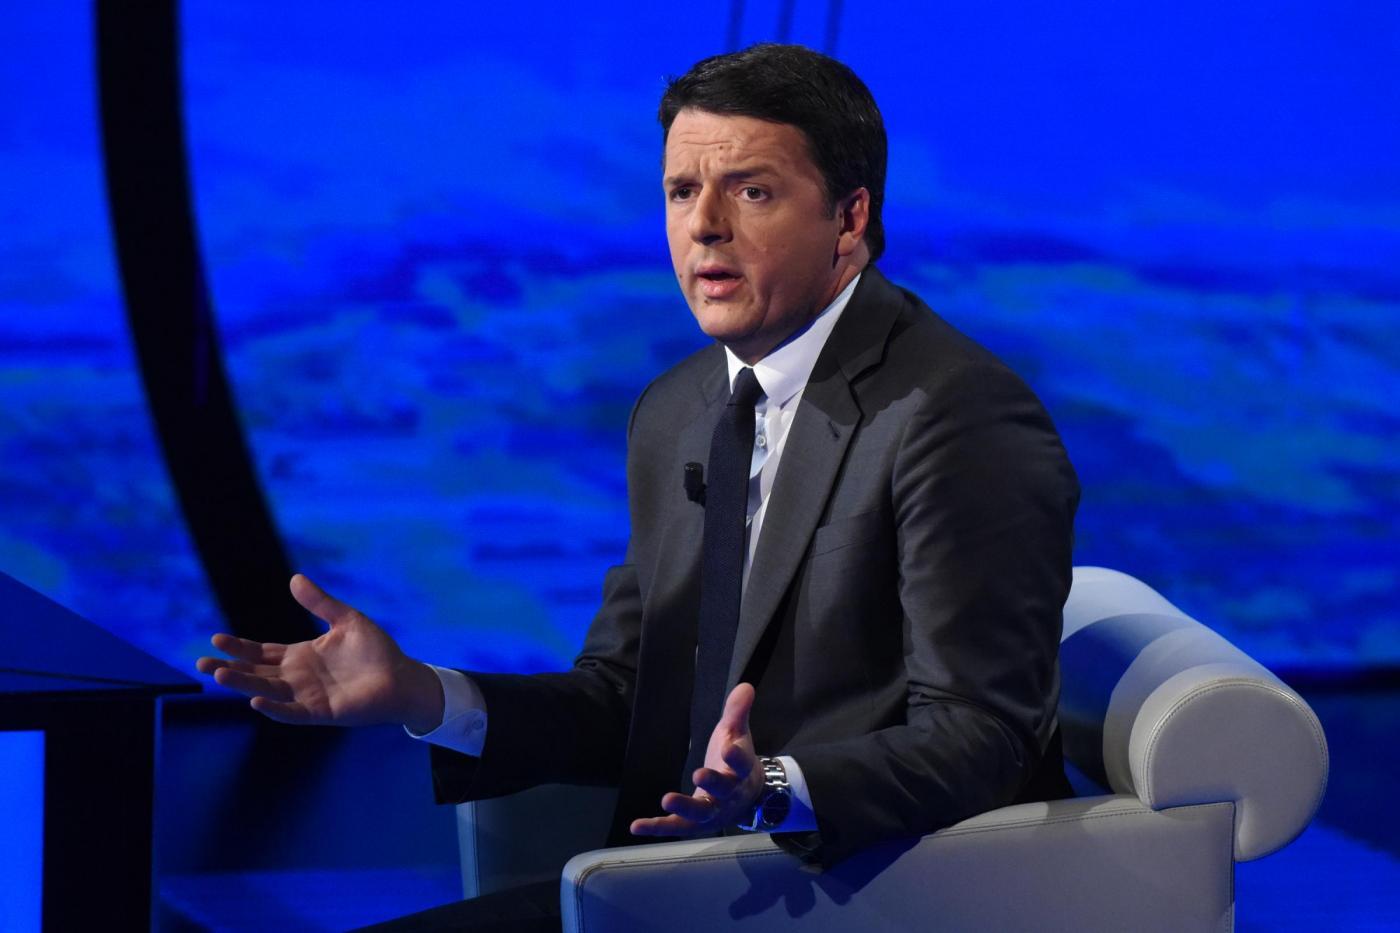 Lettera di Matteo Renzi agli italiani all'estero: cos'è e perché ha scatenato polemiche